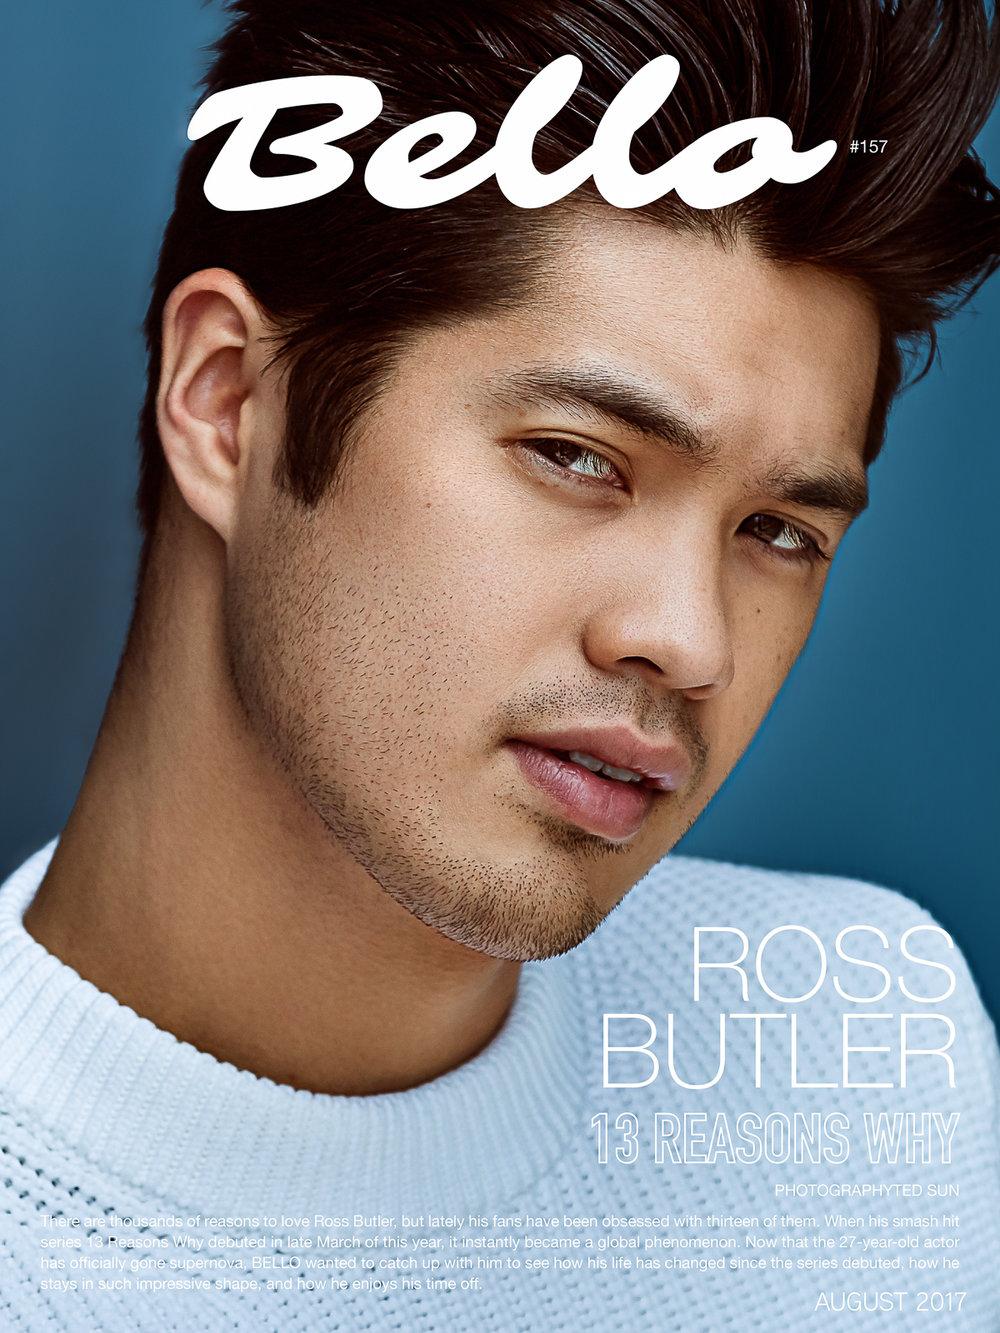 Ross Butler by Ted Sun Cover-1.jpg